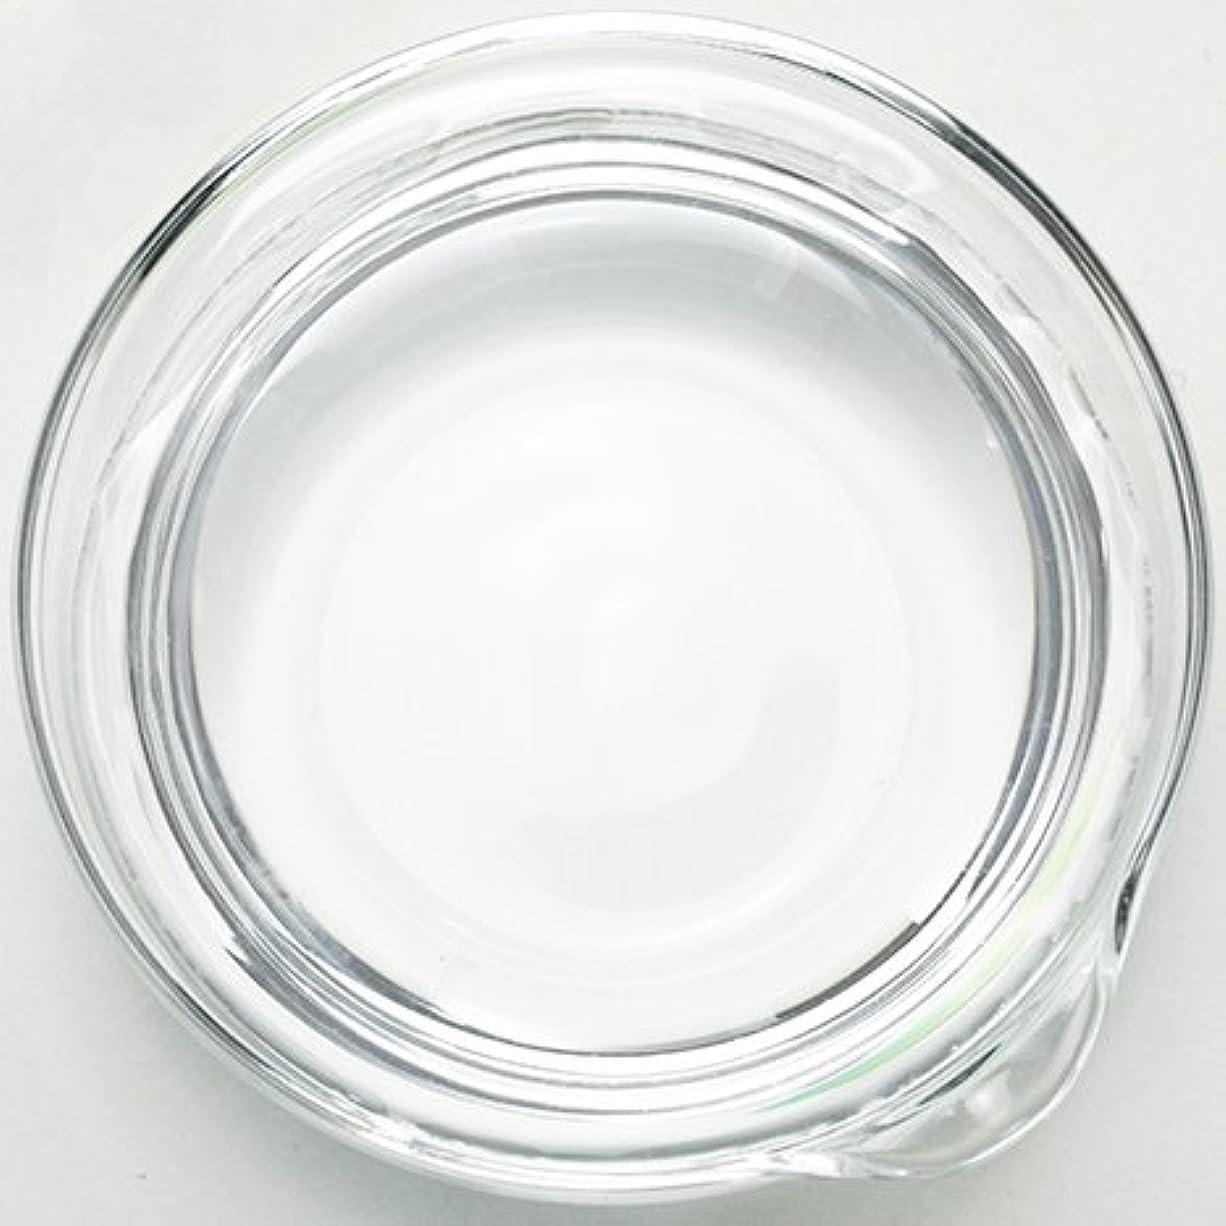 リスキーな世辞放棄された濃グリセリン[植物性] 50ml 【手作り石鹸/手作りコスメ】